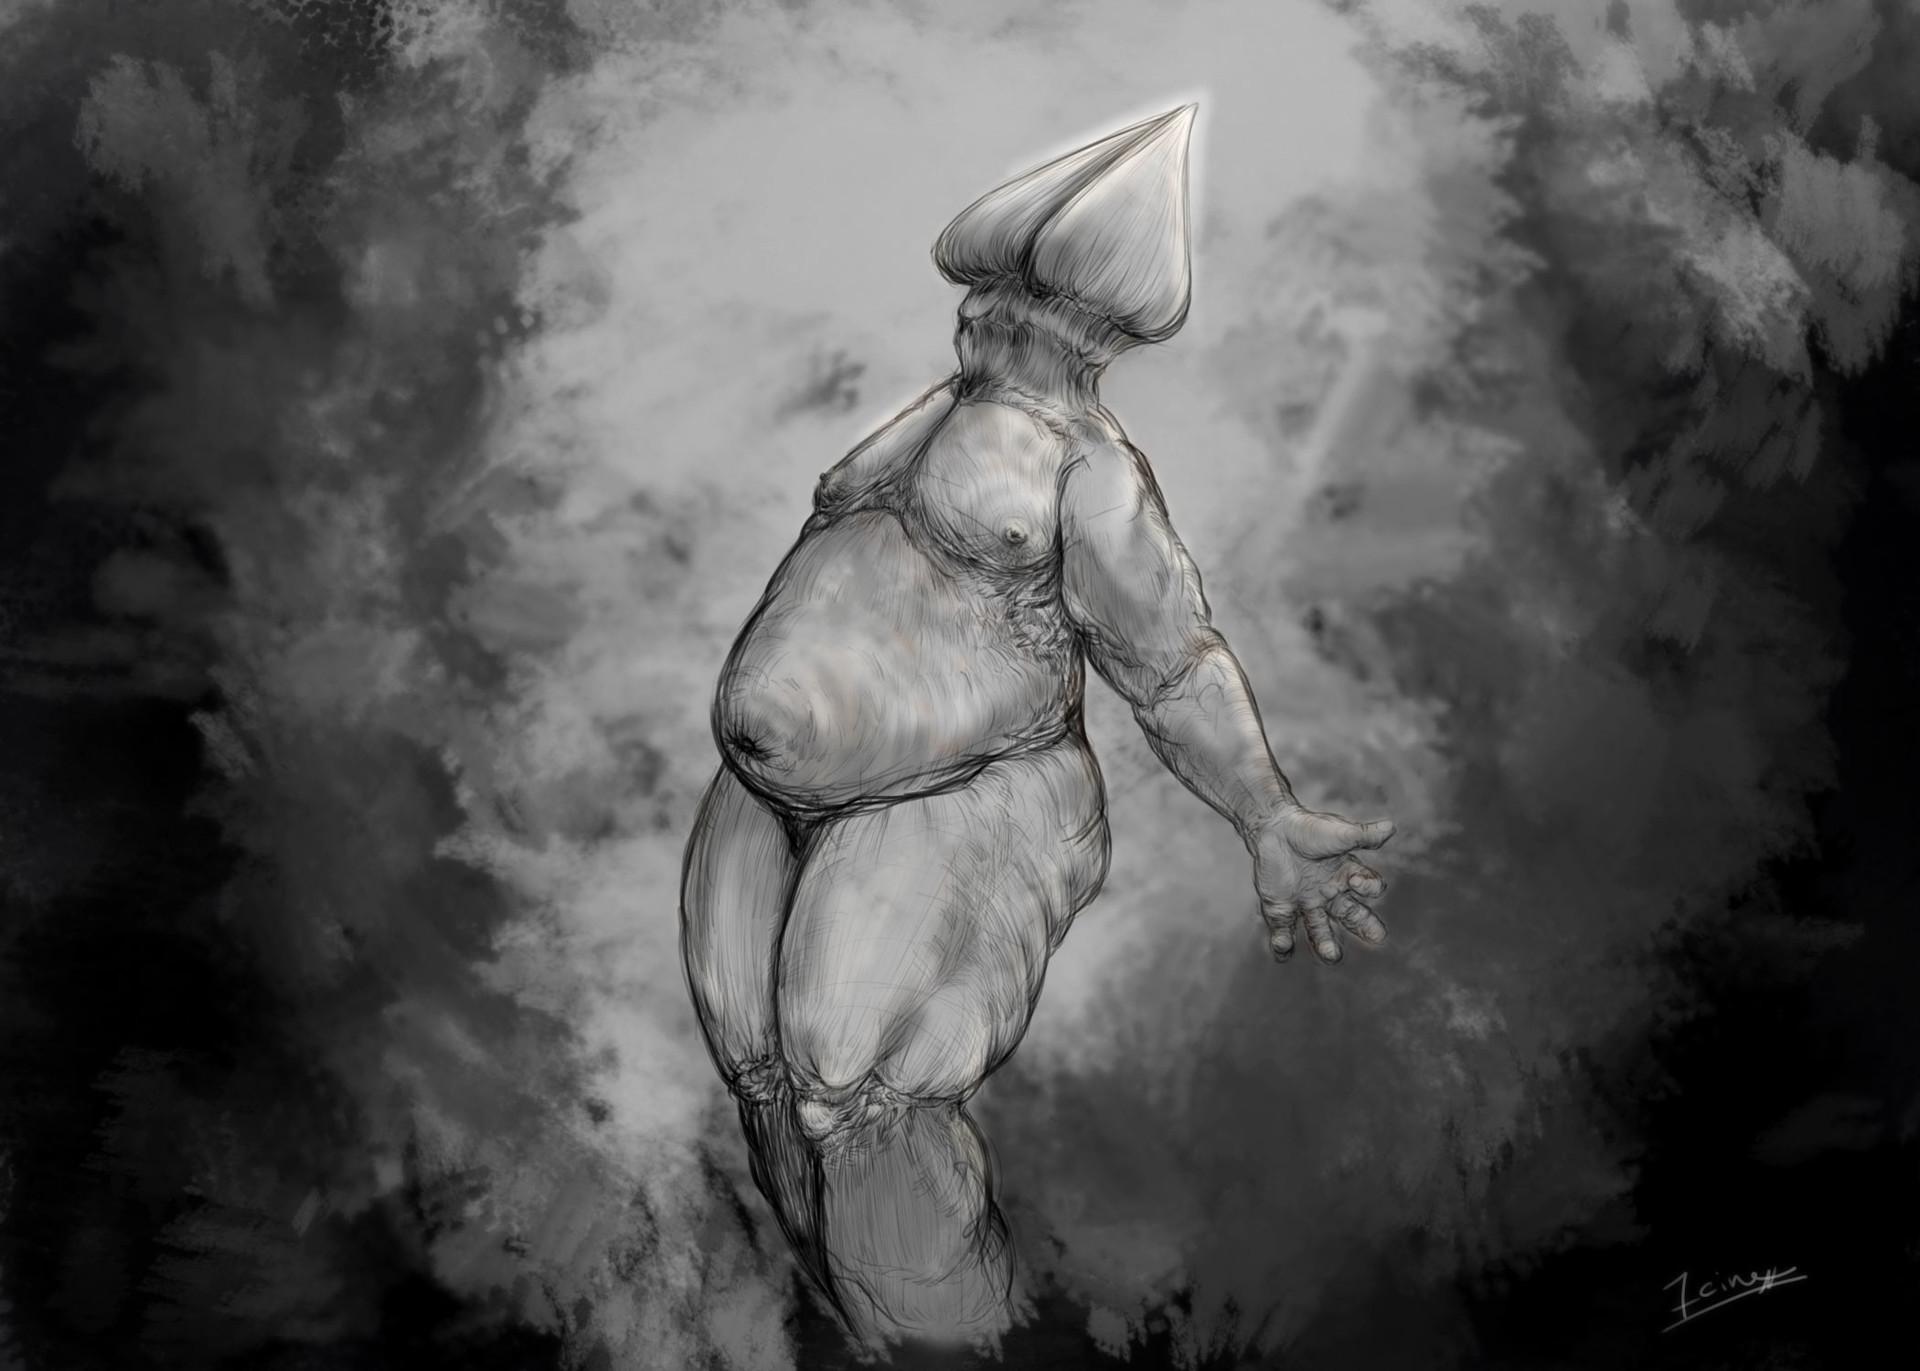 Ali ahmadi divinity the resurrection of the fat